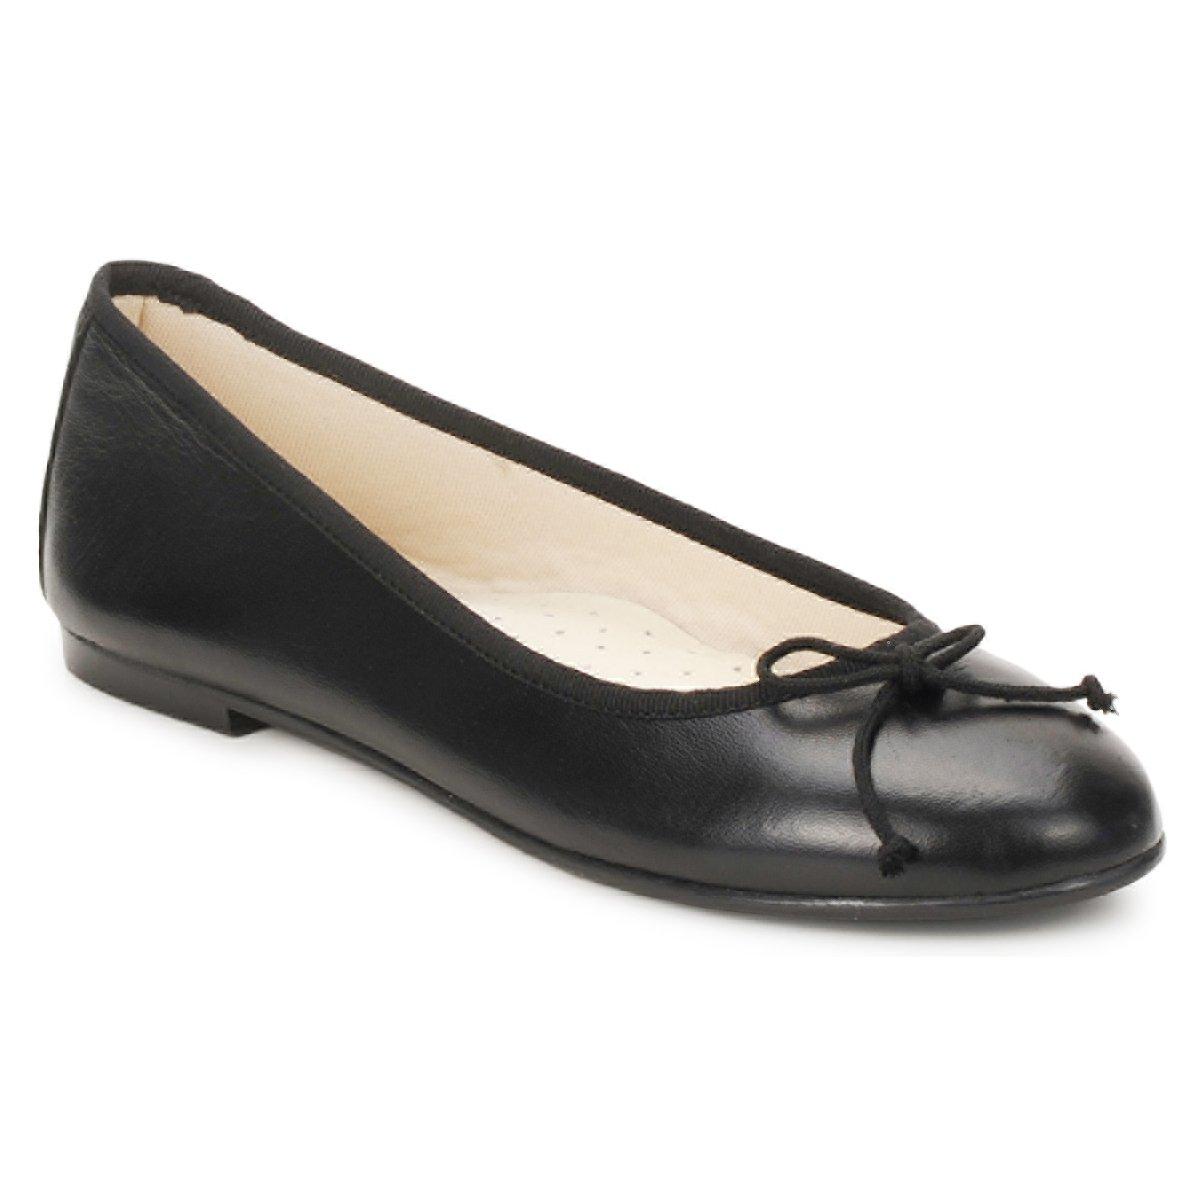 Bailarinas-manoletinas Betty London RINDUS Negro - Entrega gratuita con Spartoo.es ! - Zapatos Mujer 45,00 €